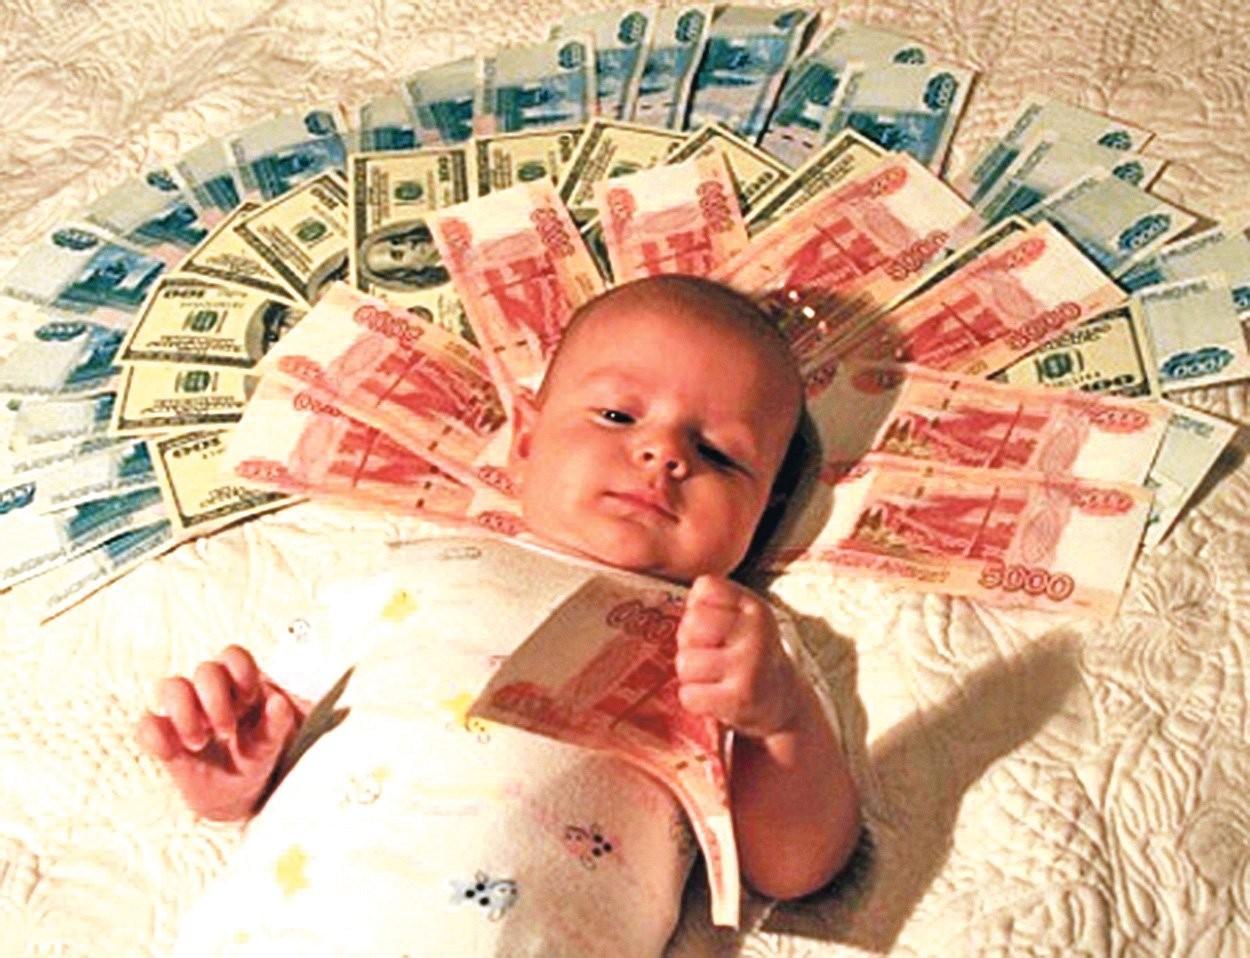 Незаконно обналиченный материнский капитал